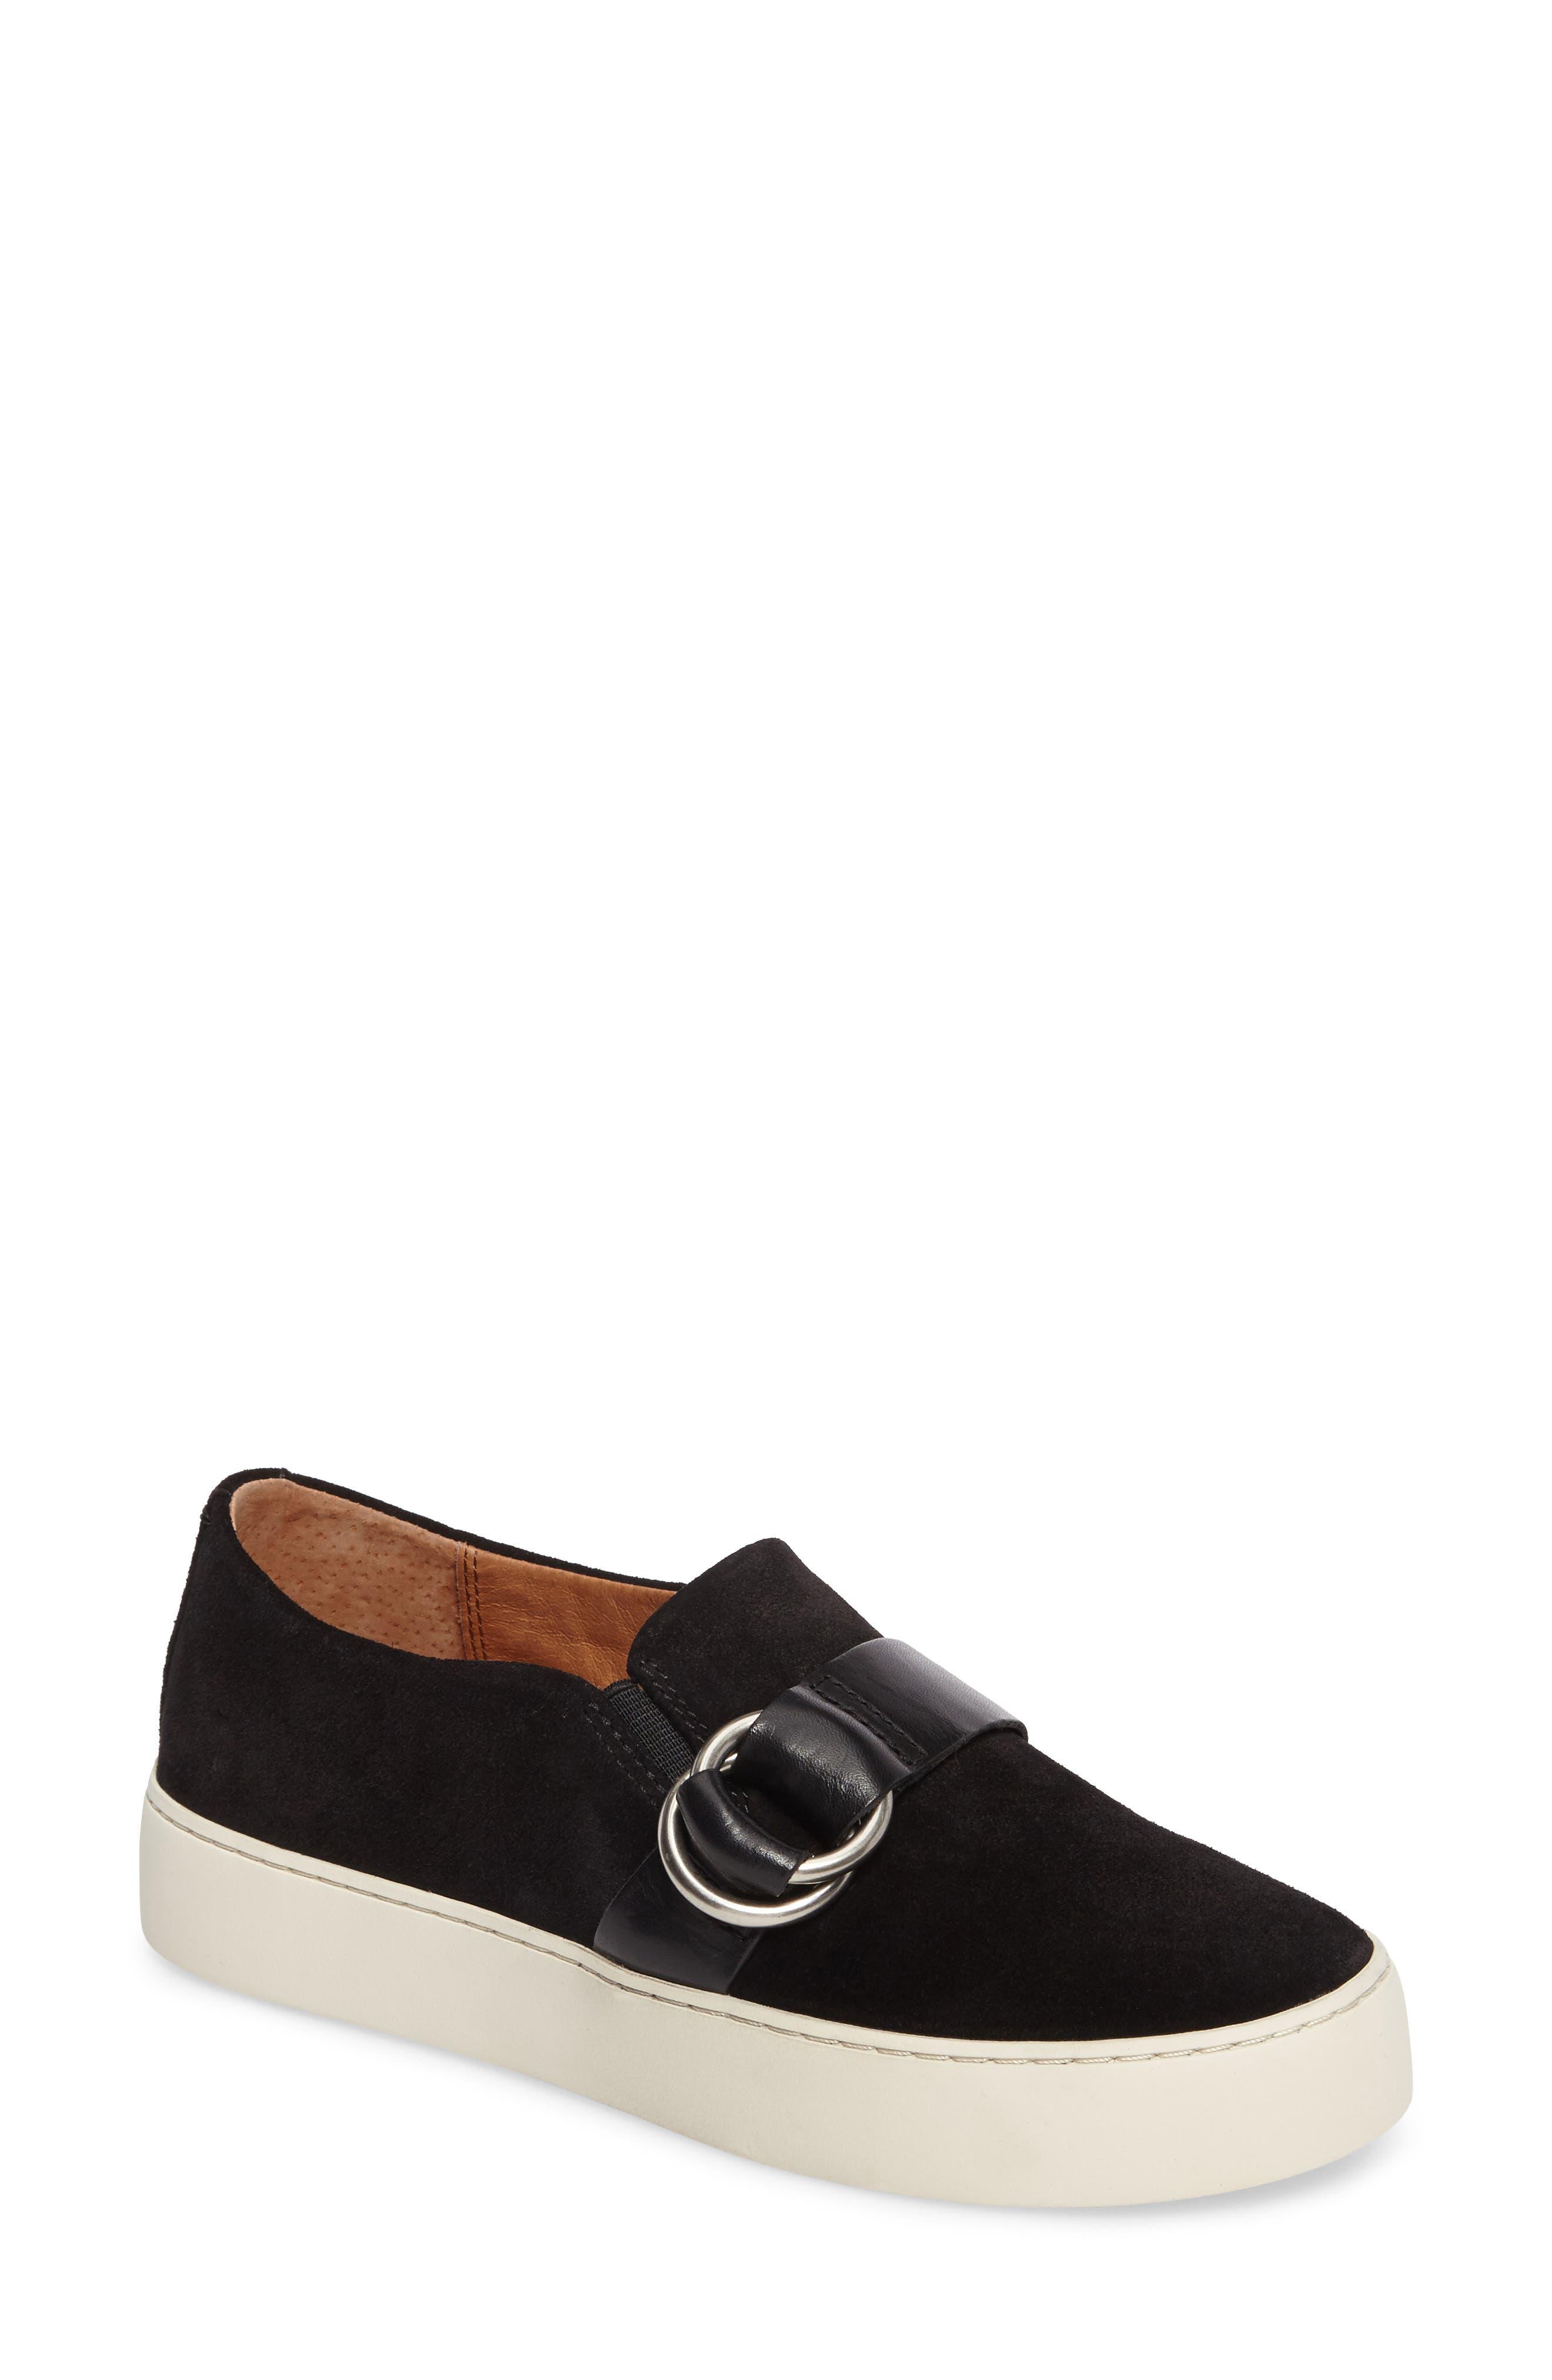 Lena Harness Slip-On Sneaker,                         Main,                         color, Black